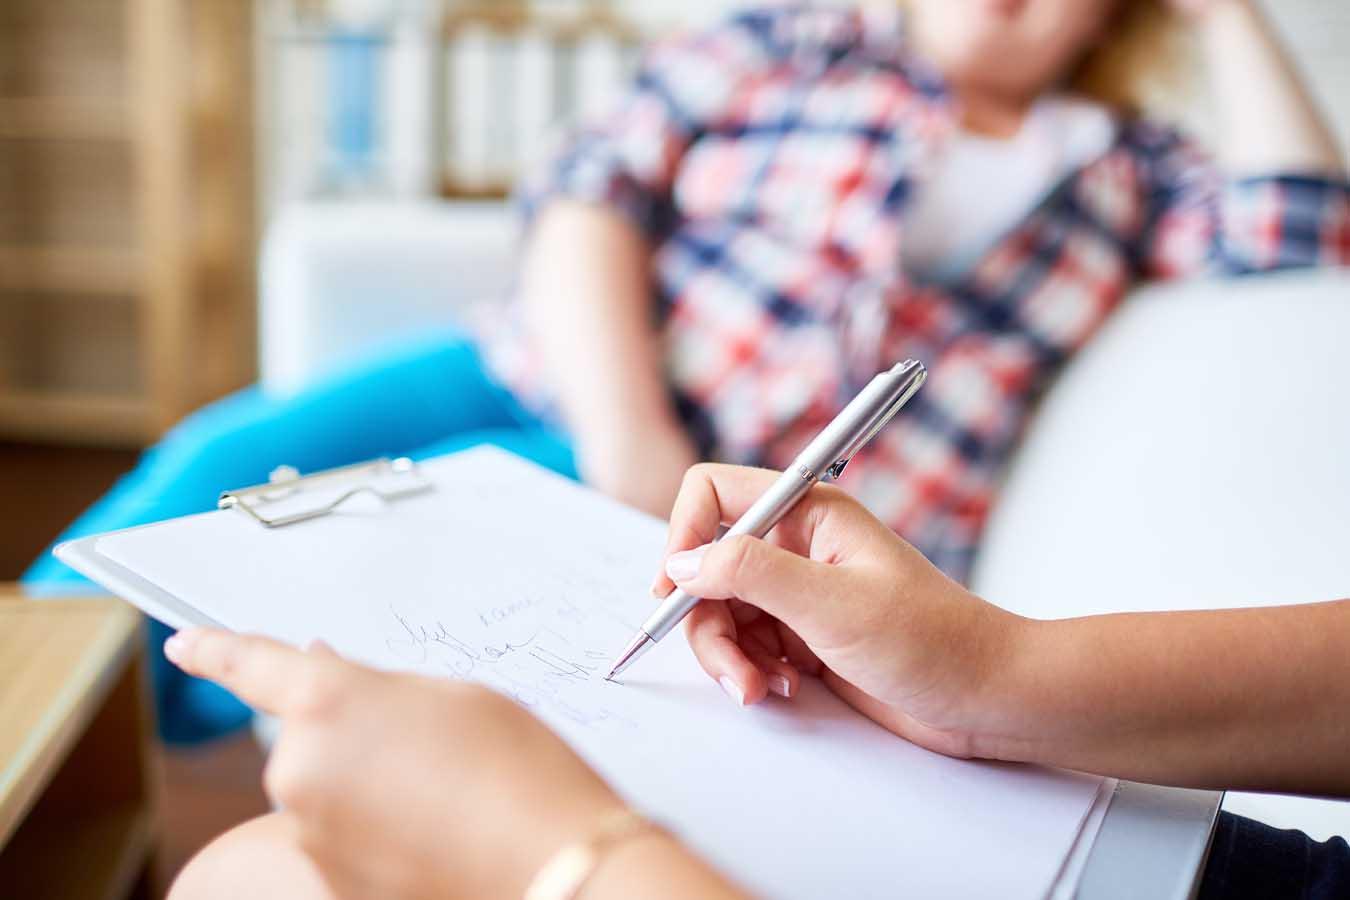 Ναρκισσιστική διαταραχή προσωπικότητας: οι κυρίαρχοι ανταποδοτικοί ρόλοι και η επίδρασή τους στη θεραπευτική σχέση.